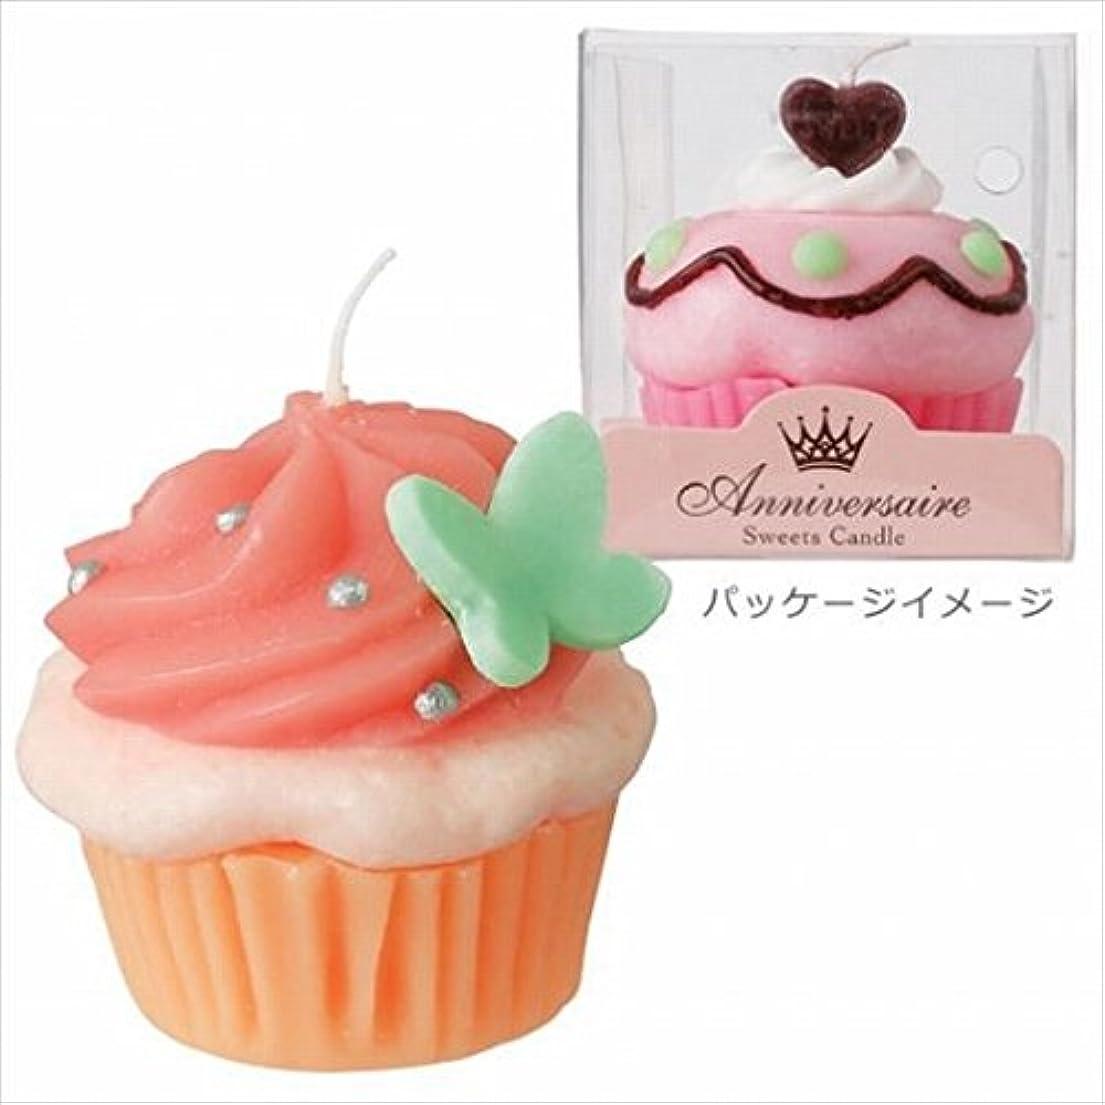 刺激するサイクロプス委任するカメヤマキャンドル( kameyama candle ) カップケーキキャンドル 「 ホイップベリー 」